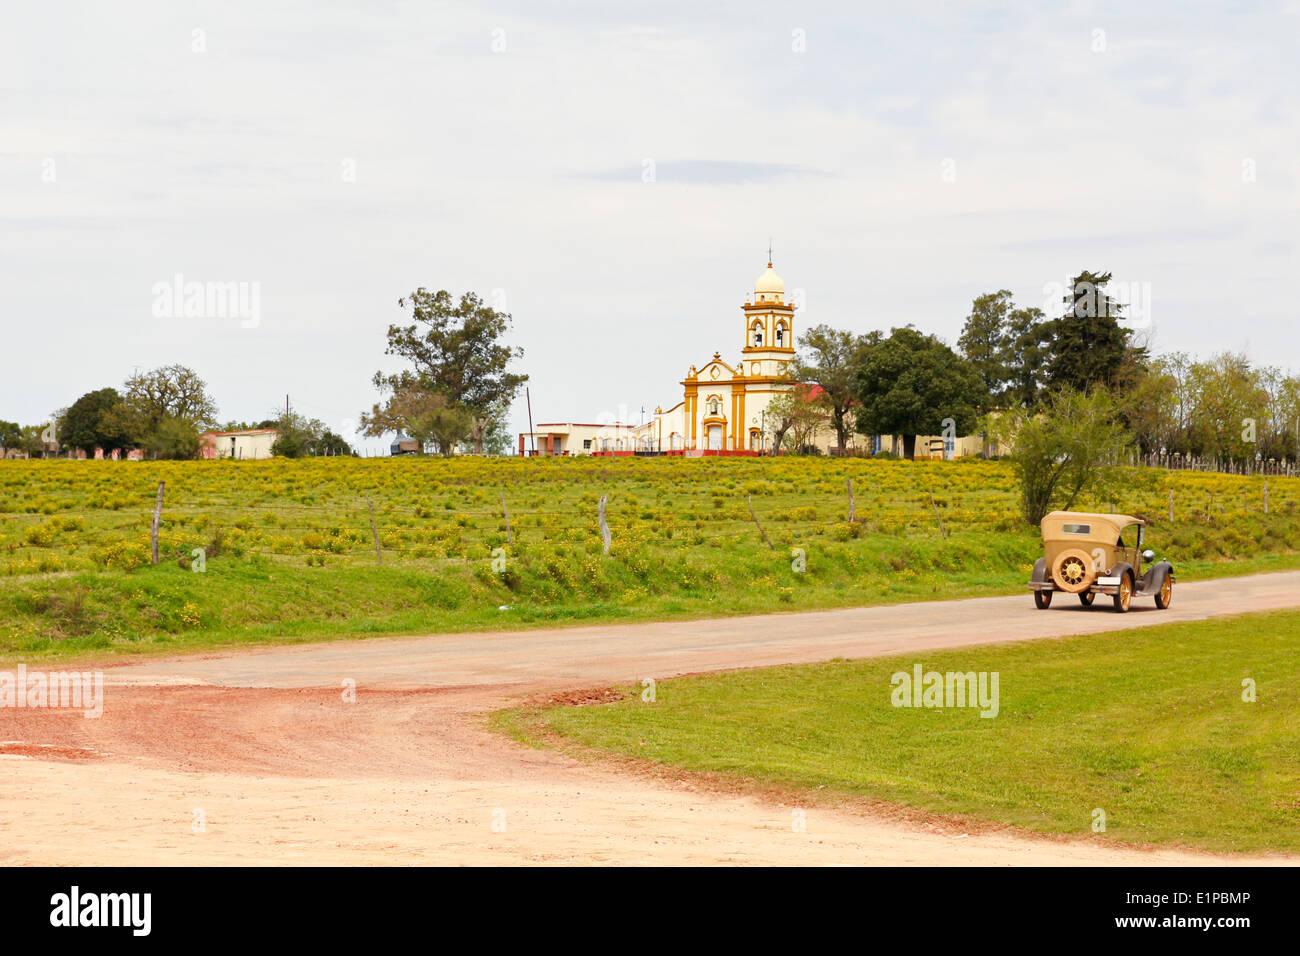 Il ritorno al passato. Una scena vintage in Uruguay Immagini Stock